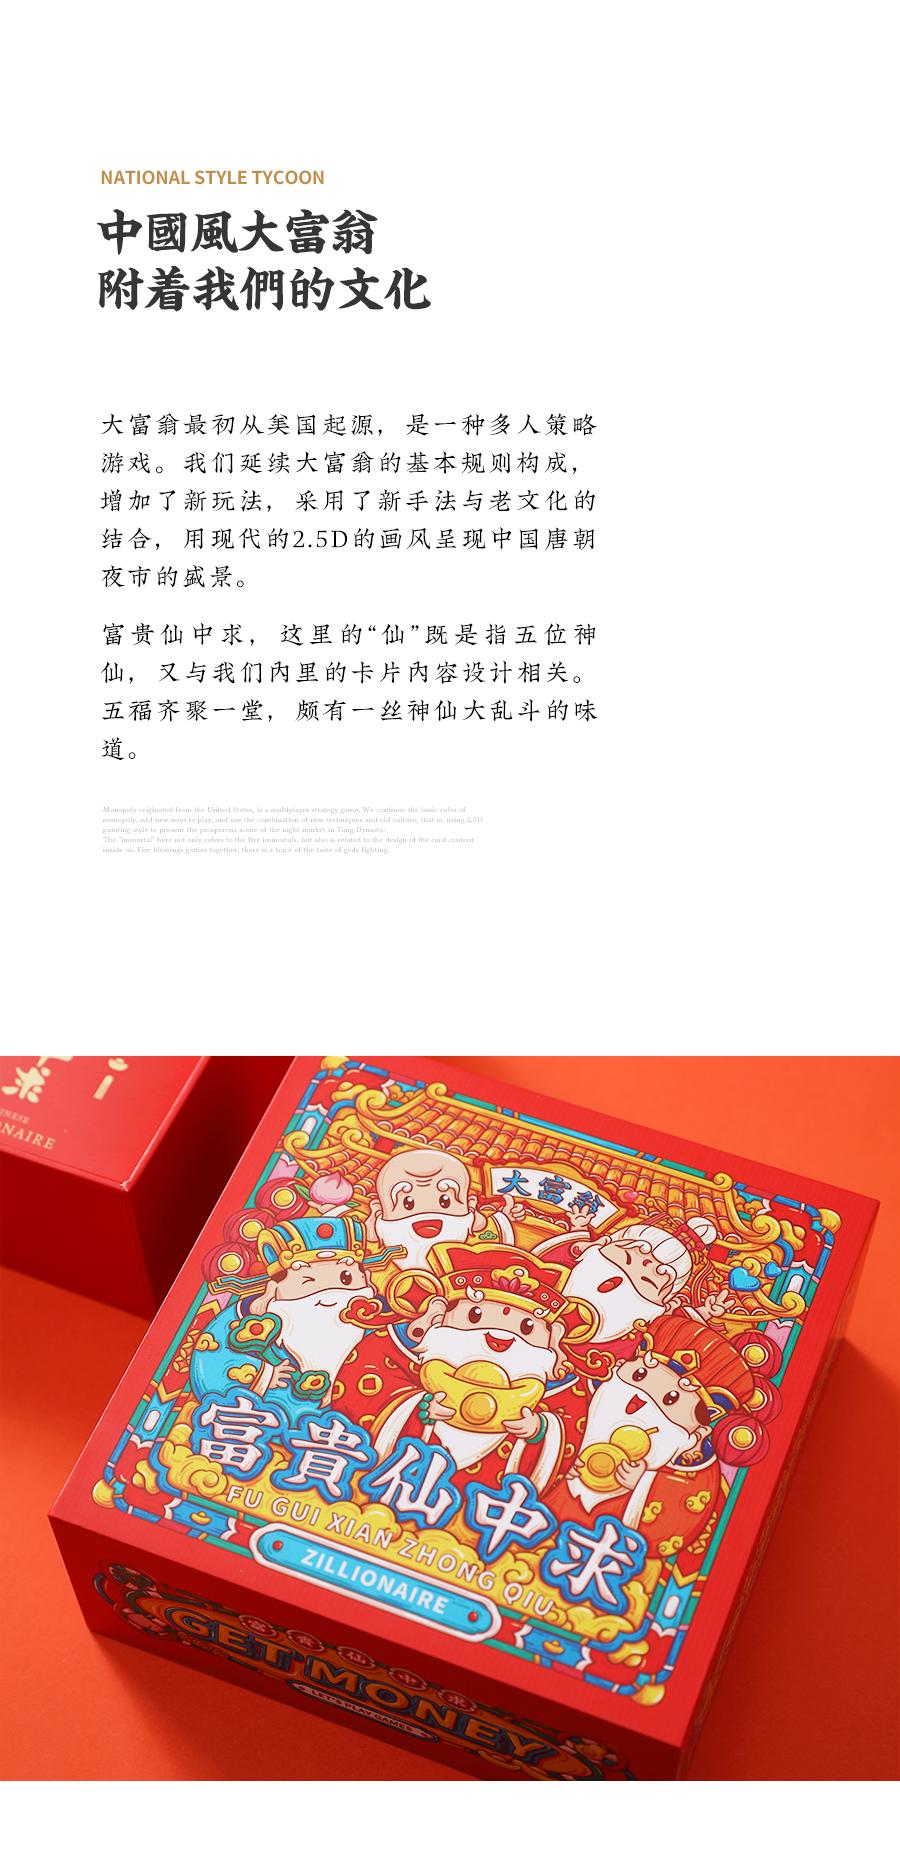 富贵仙中求/国风大富翁